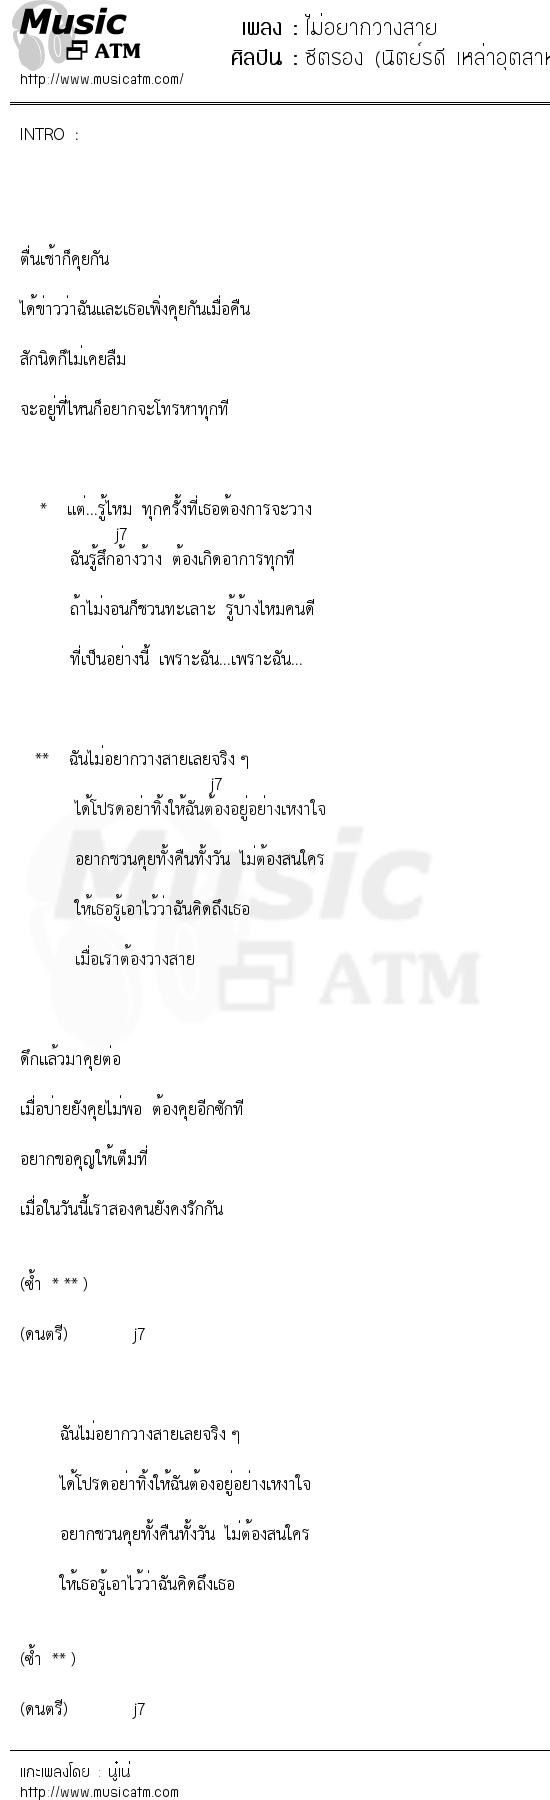 ไม่อยากวางสาย | เพลงไทย